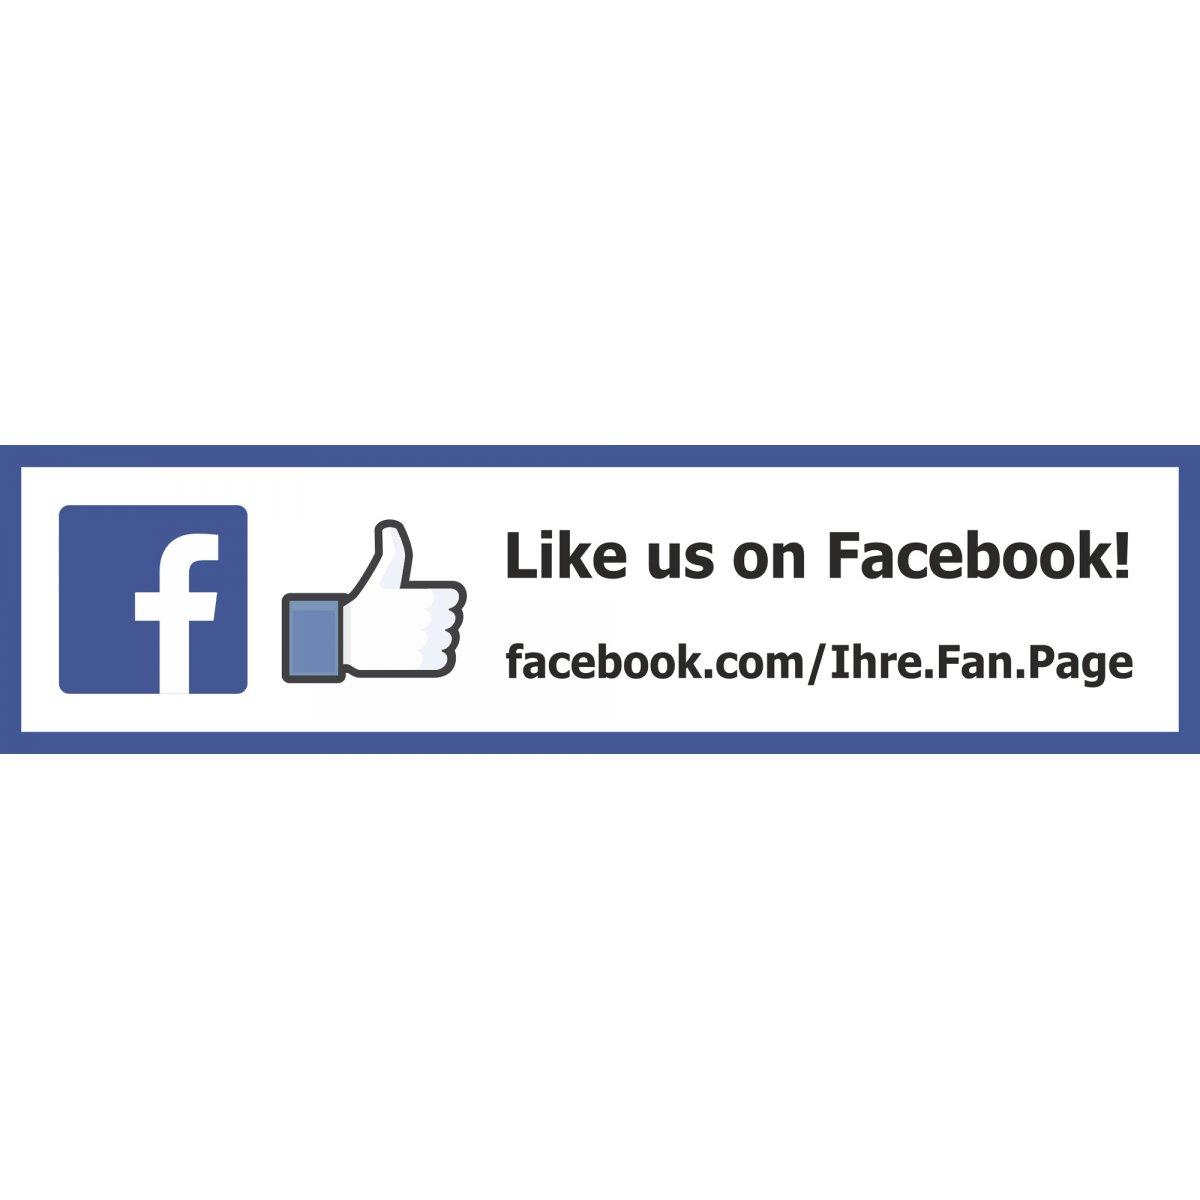 Facebook Aufkleber & Schild - Gefällt mir Sticker - mit QR ...